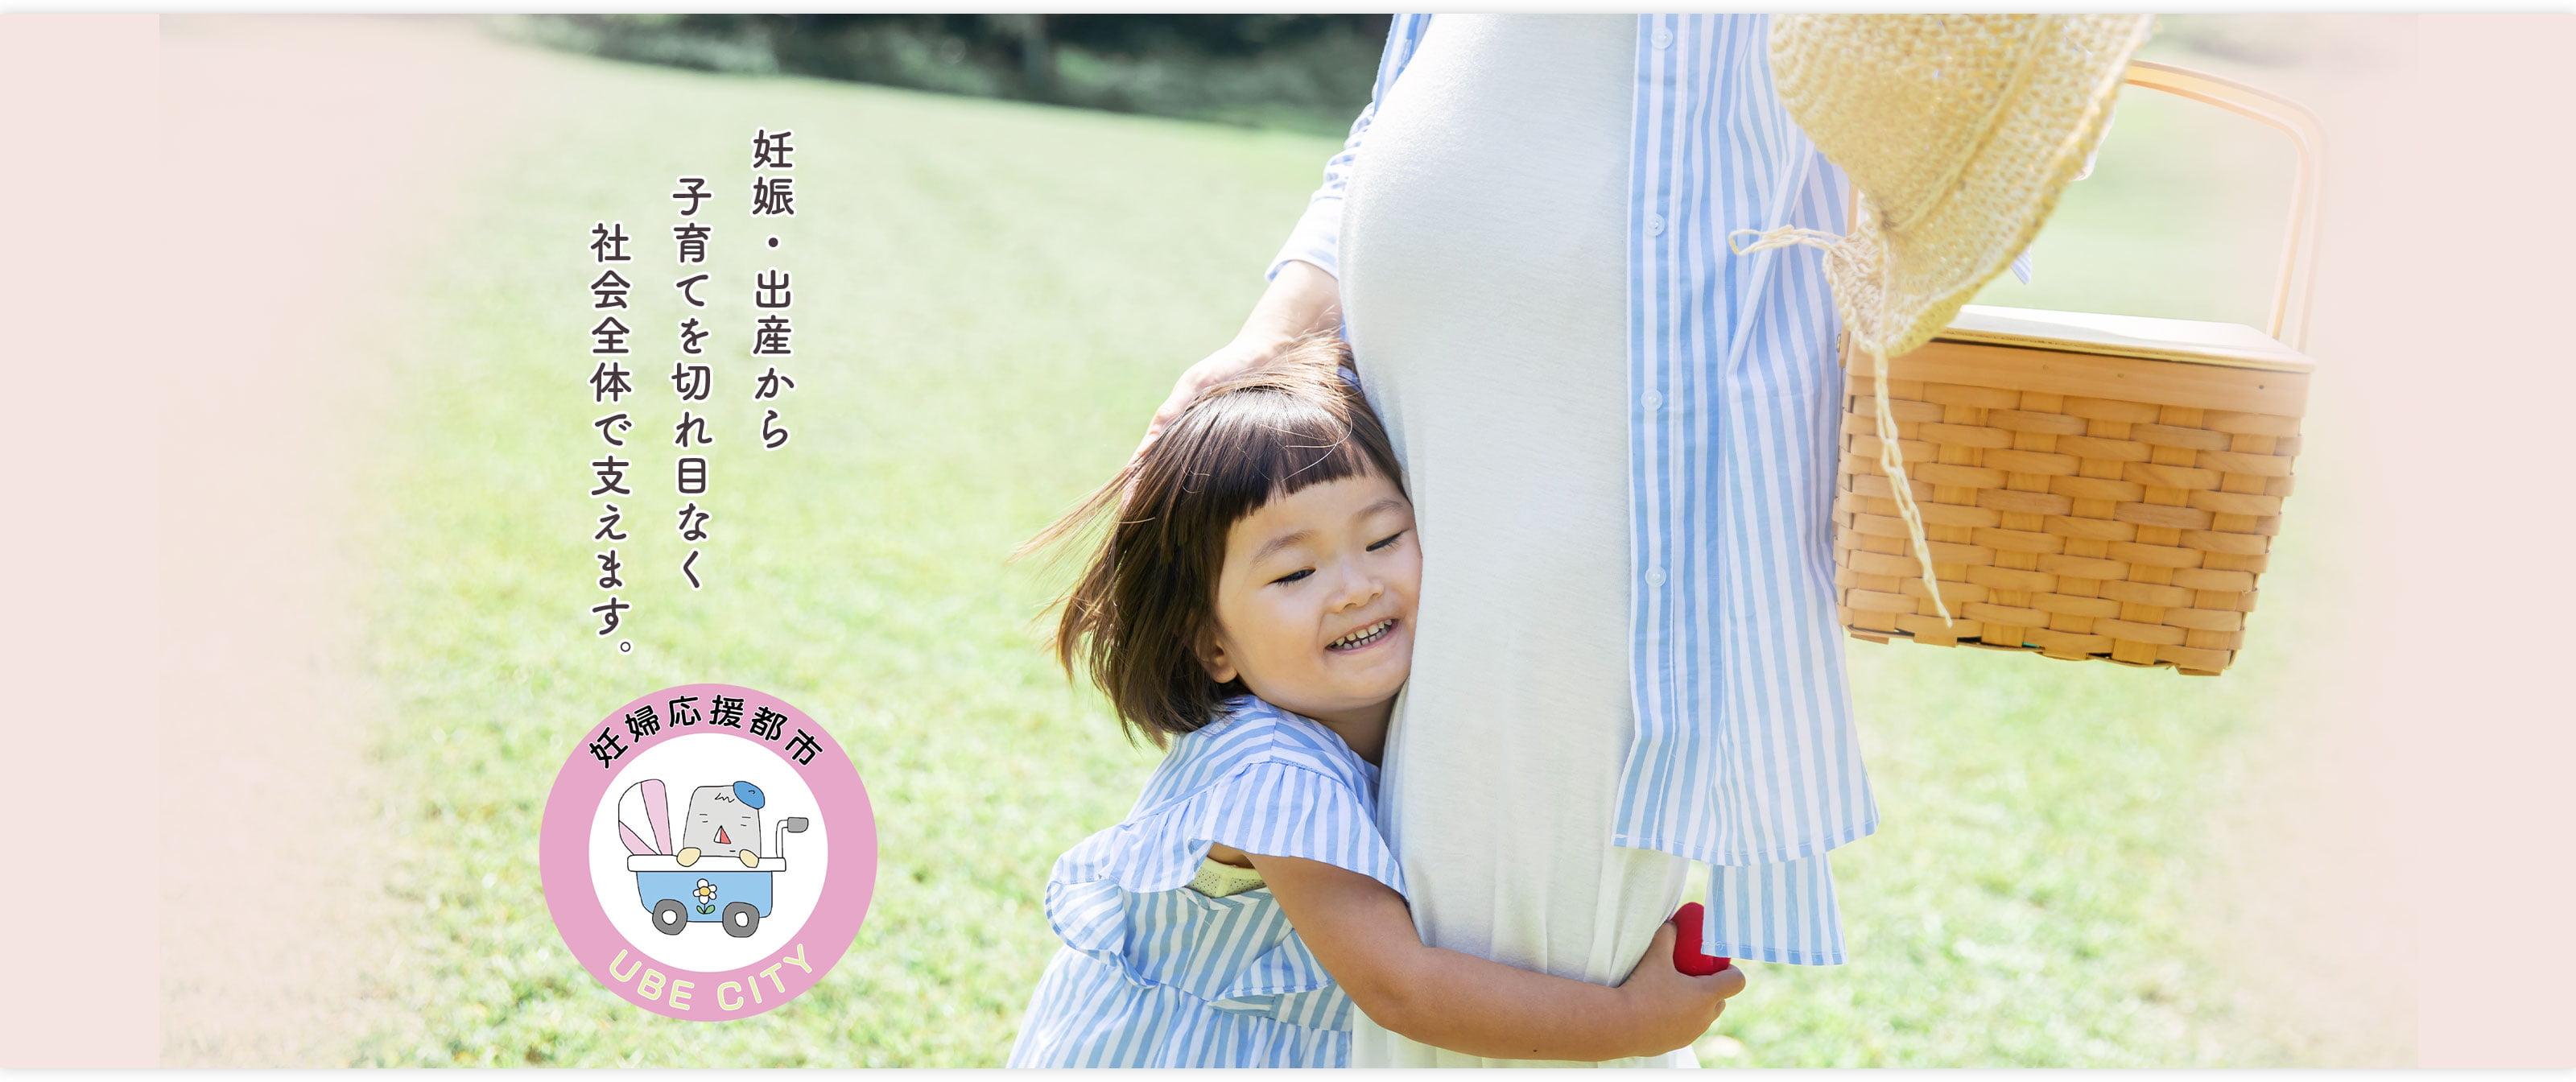 妊娠・出産から子育てを切れ目なく社会全体で支えます。